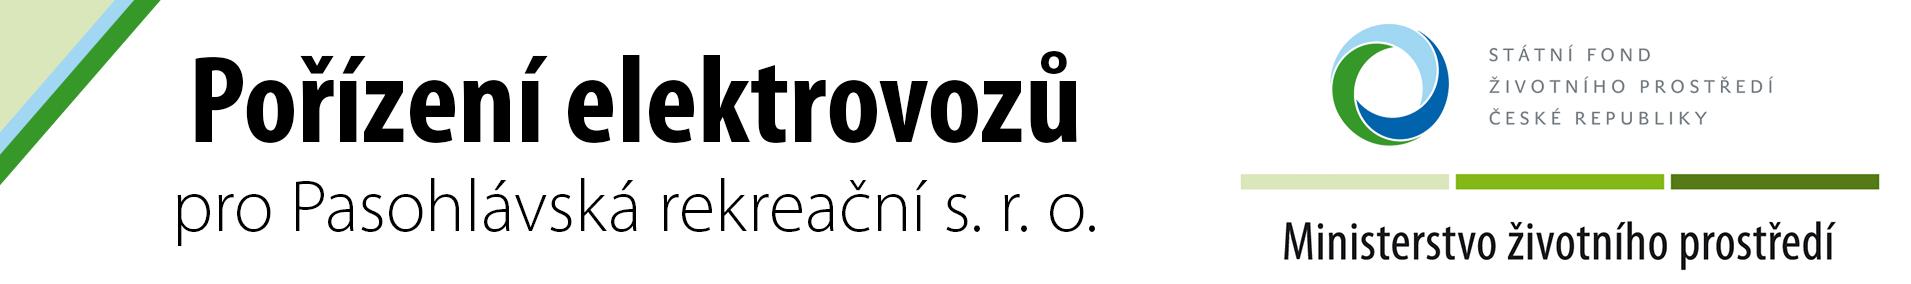 Banner Pořízení elektrovozů